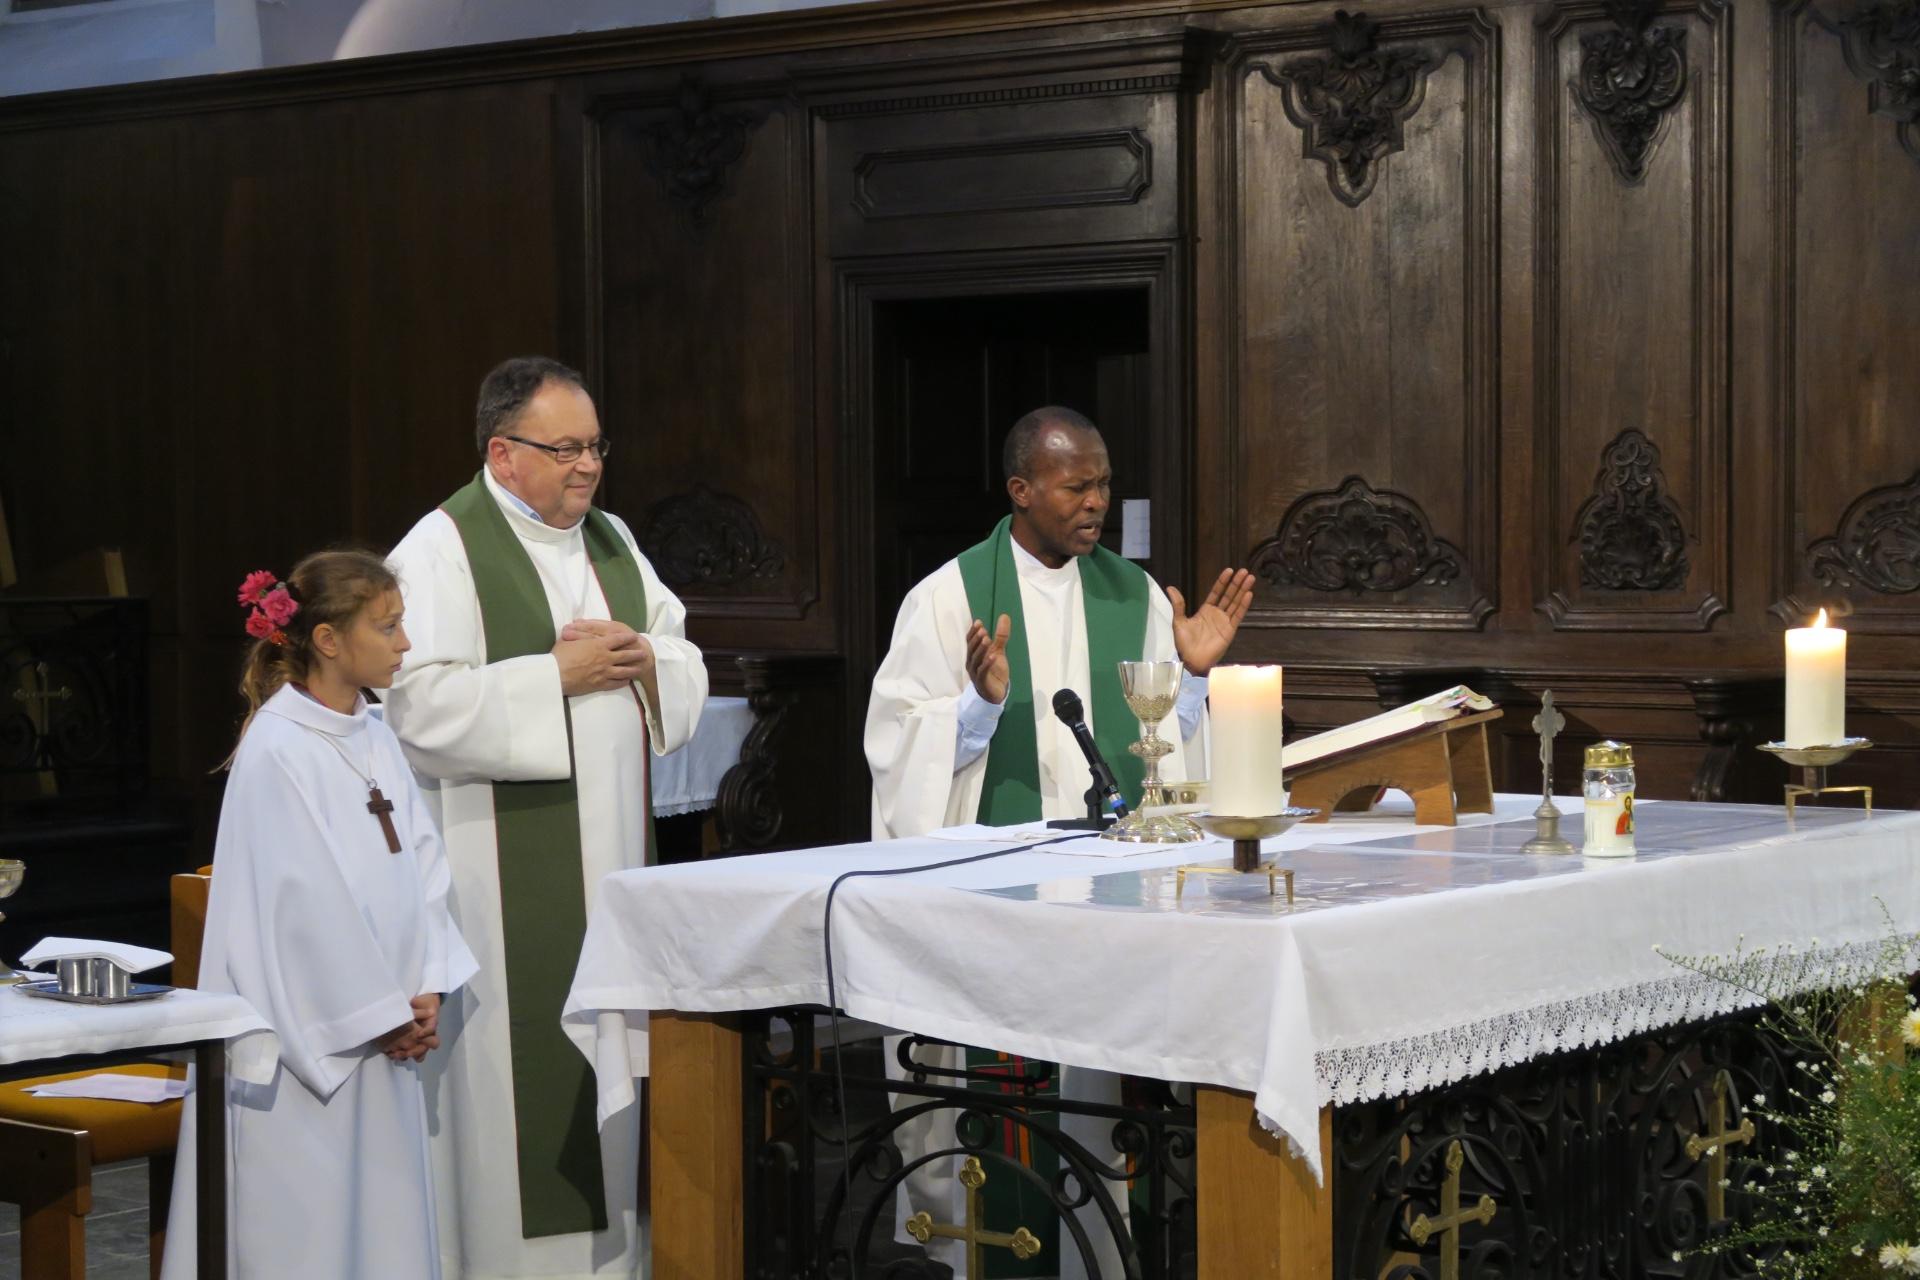 Messe de rentree Kt 2018IMG_1840